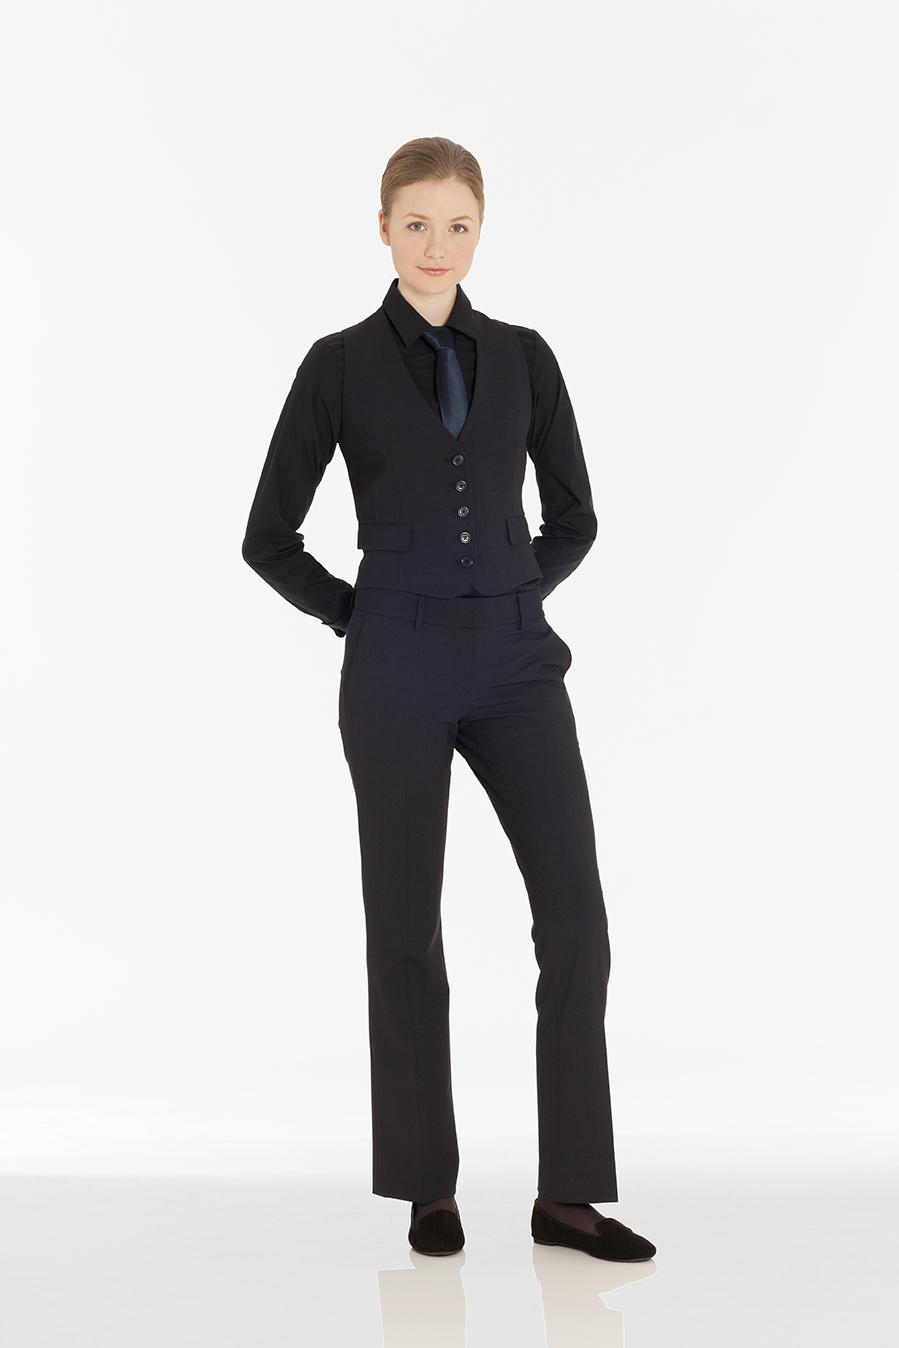 Vest 1125 Shirt 508 Pant 125 Tie 1422